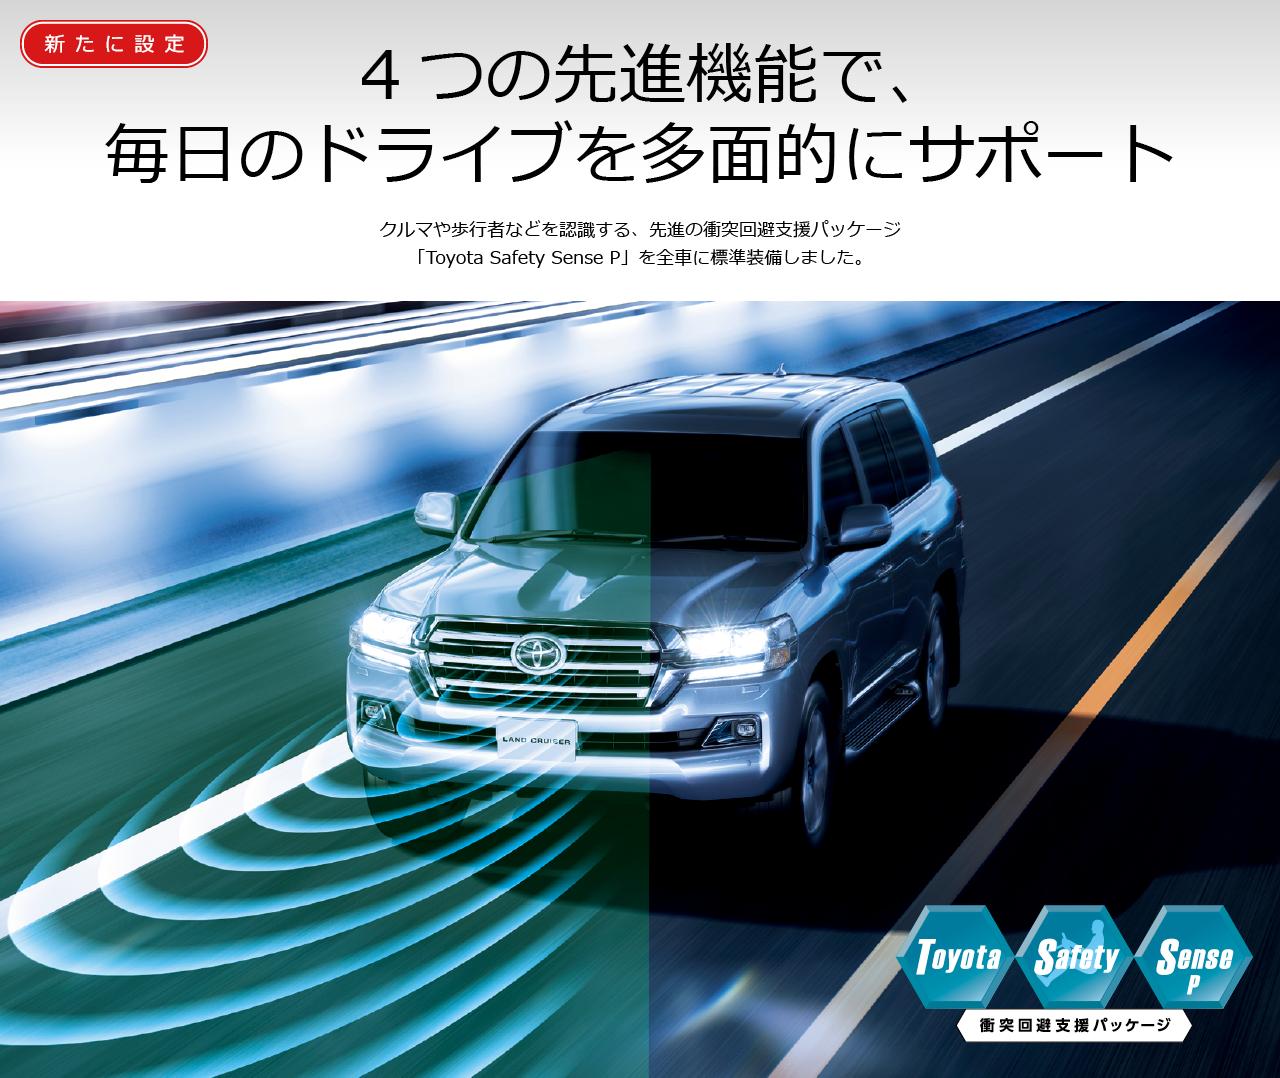 4つの先進機能で、毎日のドライブを多面的にサポート